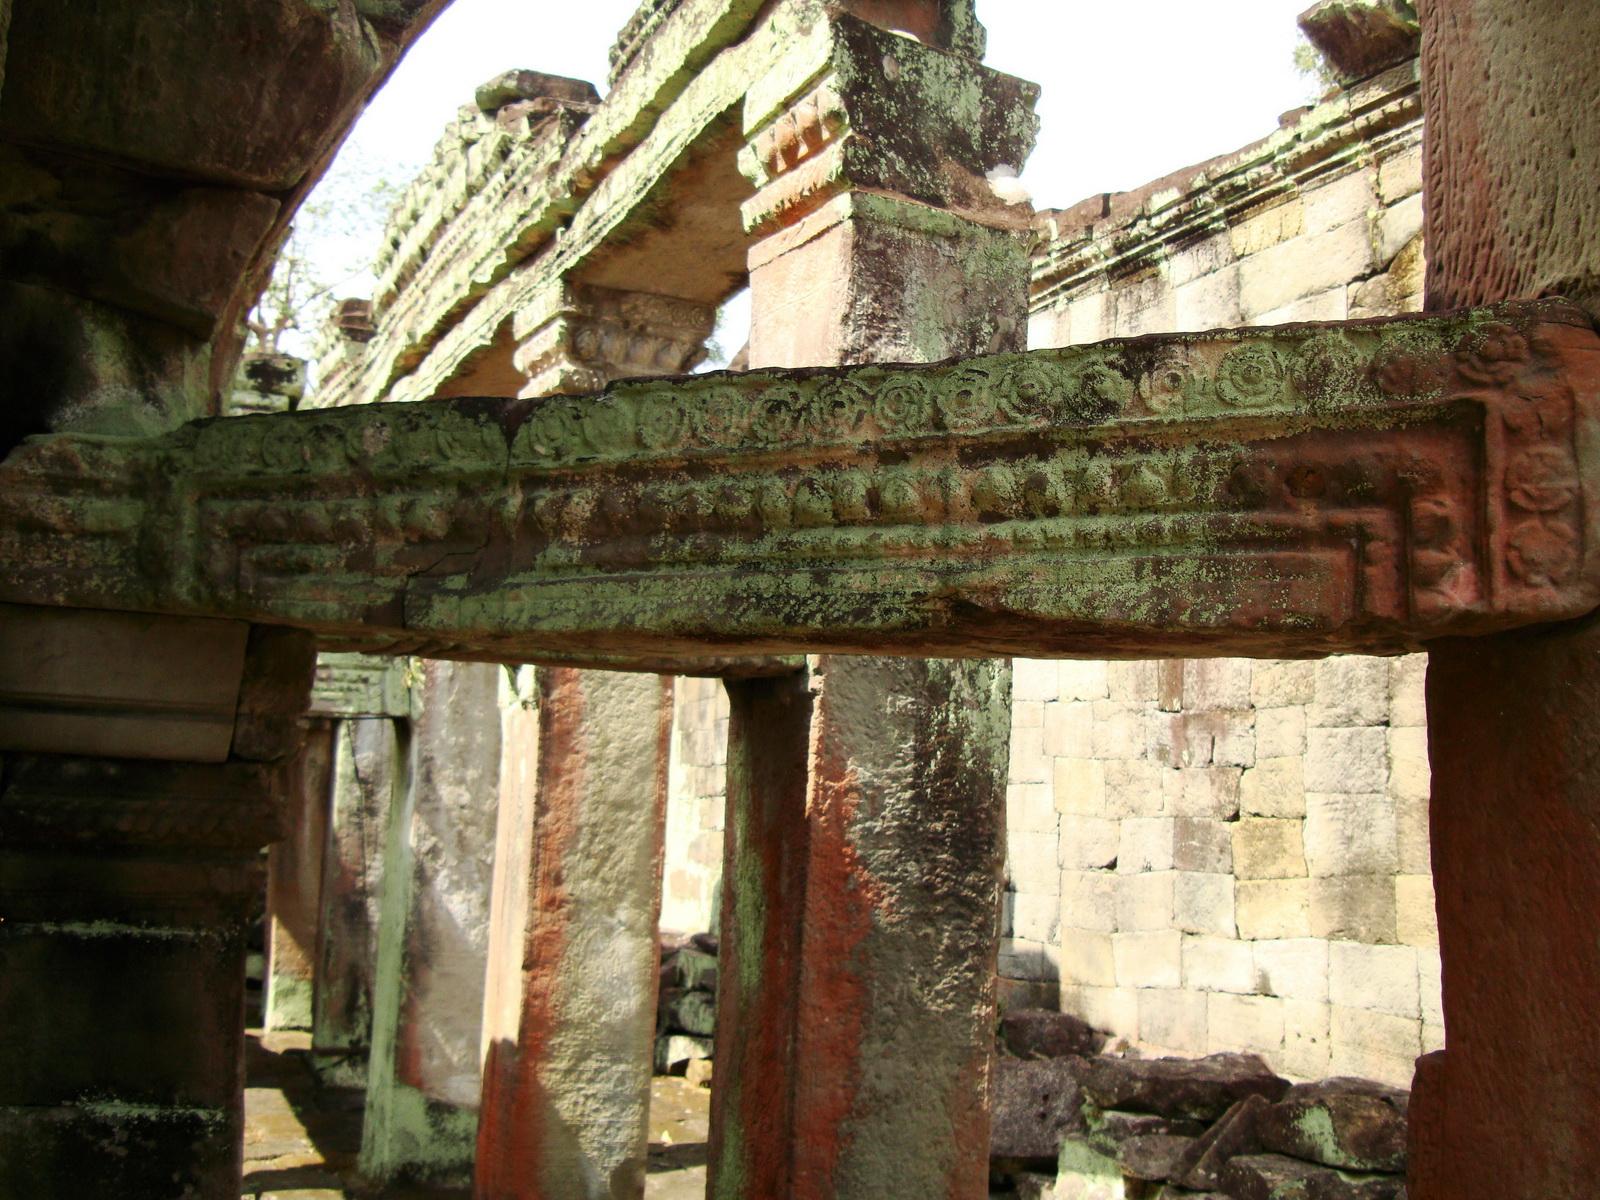 Preah Khan Temple 12th century Khmer Style passageways 26